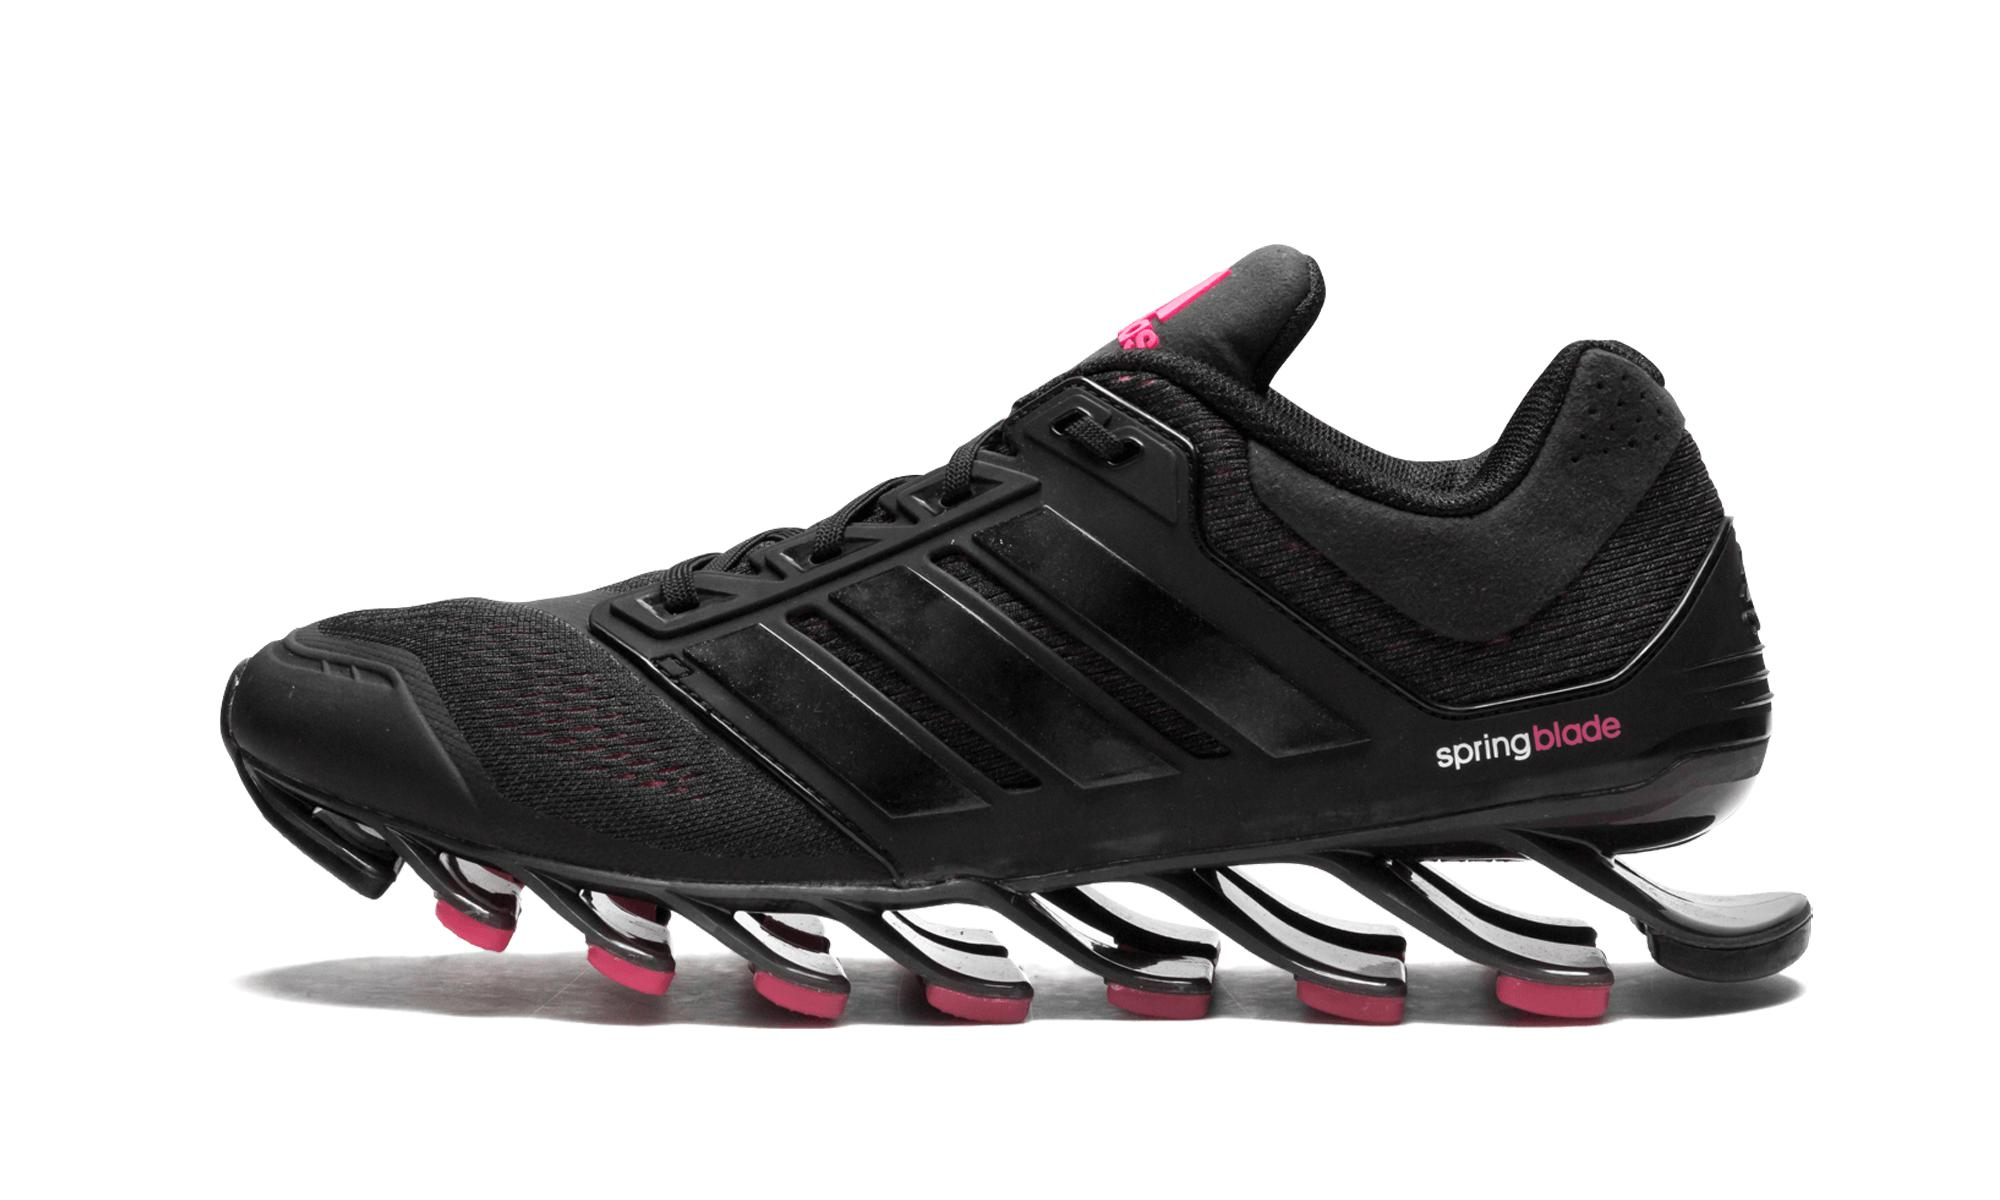 wholesale dealer bda13 3942e ... aliexpress adidas. mens black springblade 02774 e2e2e